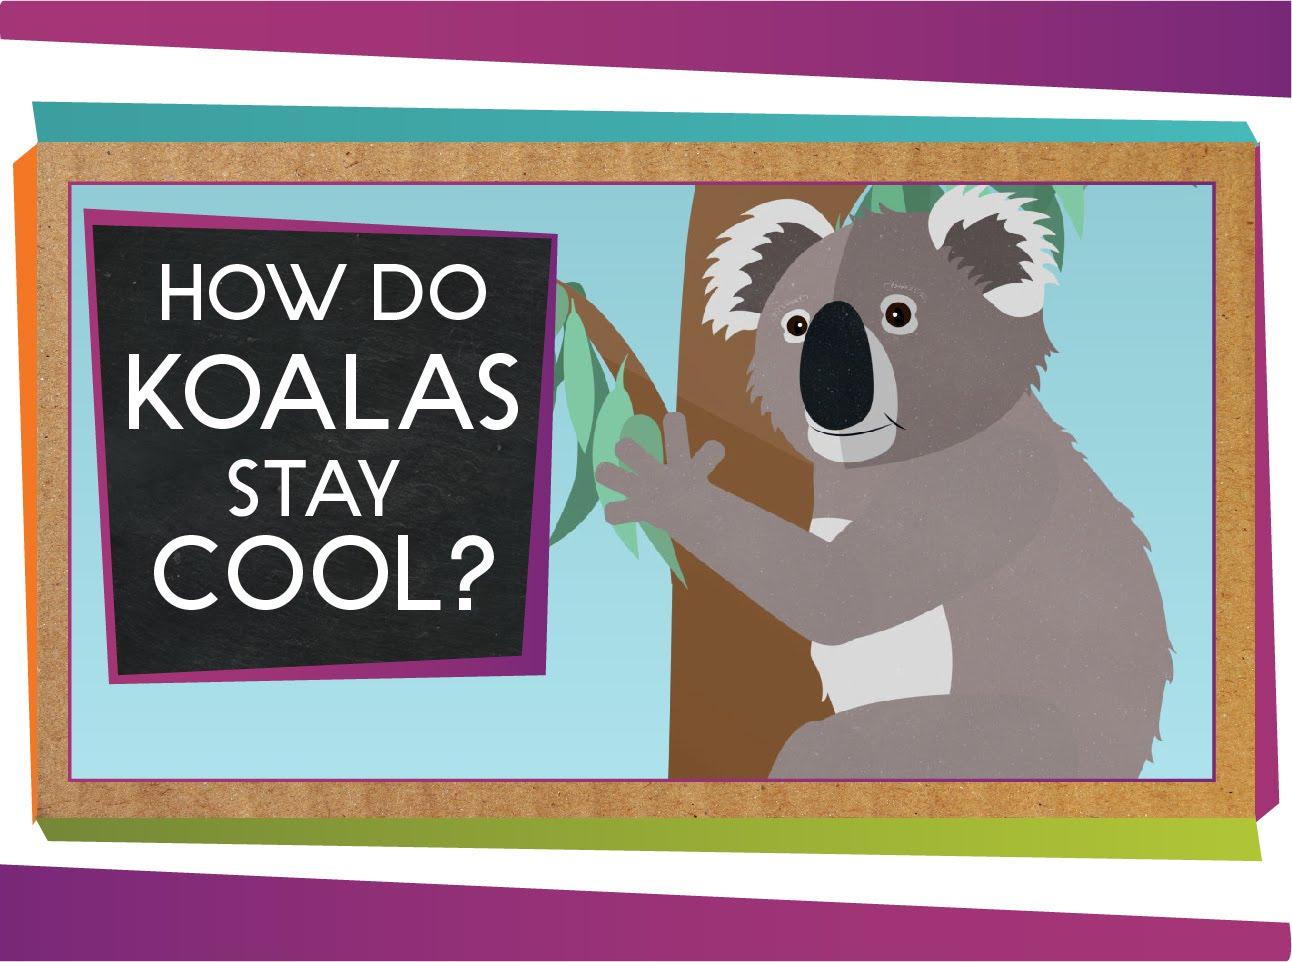 「好熱啊!毛茸茸的無尾熊怎麼『涼涼』過日子?」- How Do Koalas Stay Cool?